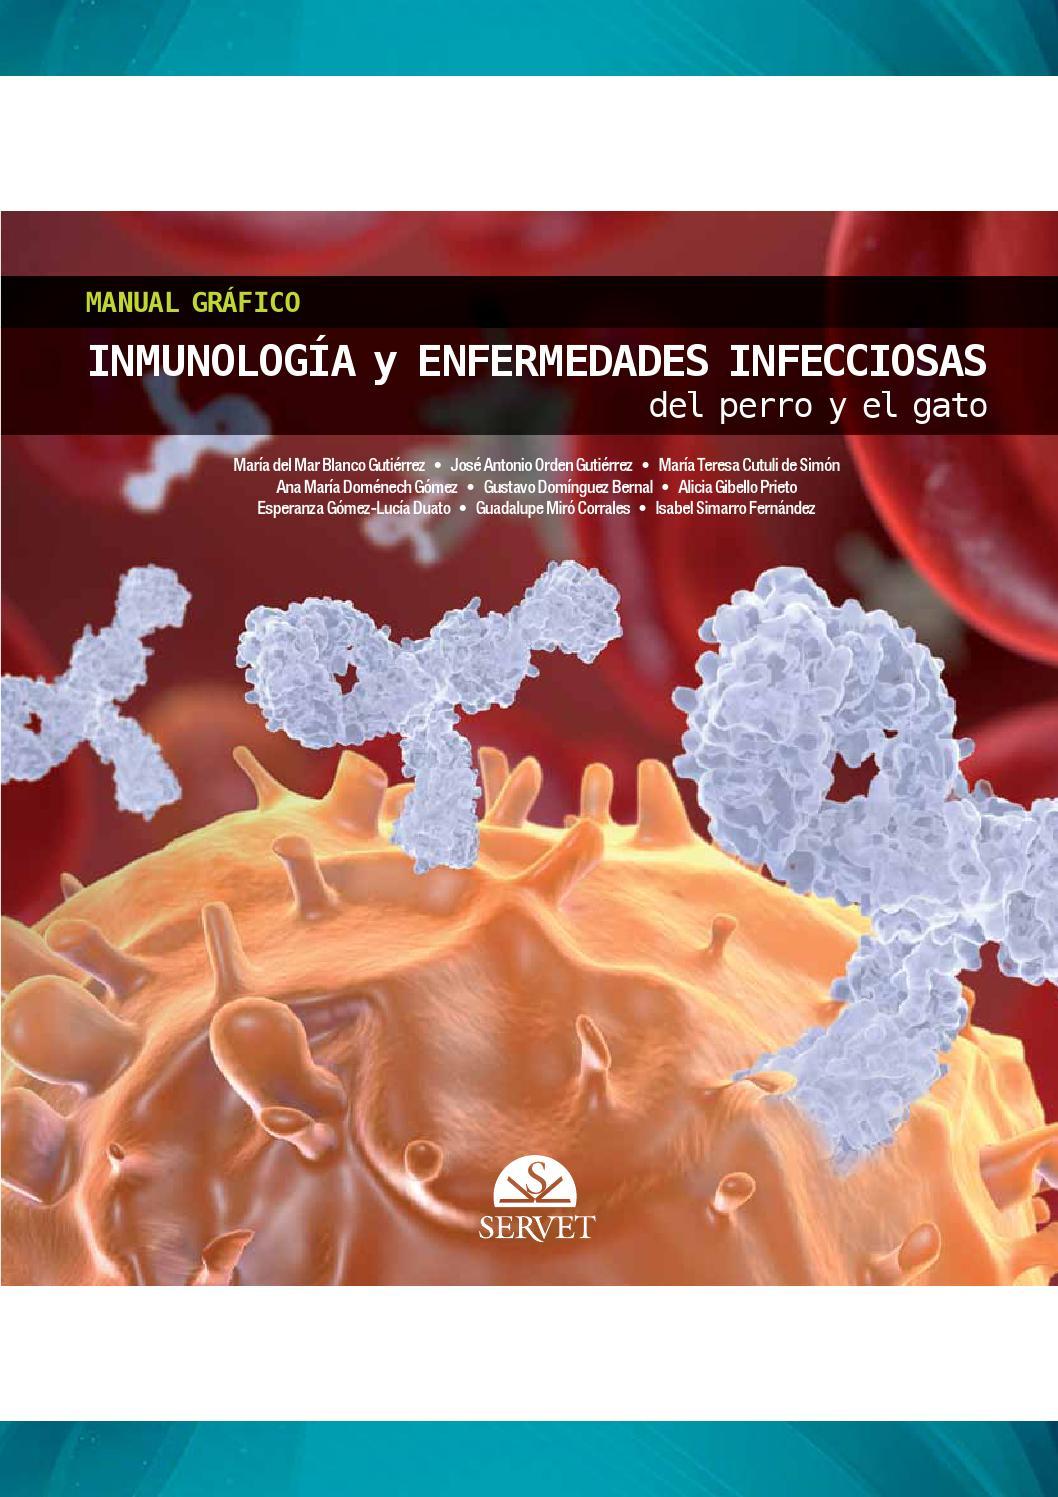 Manual gráfico de Inmunología y enfermedades infecciosas del perro y el  gato by Grupo Asís - issuu